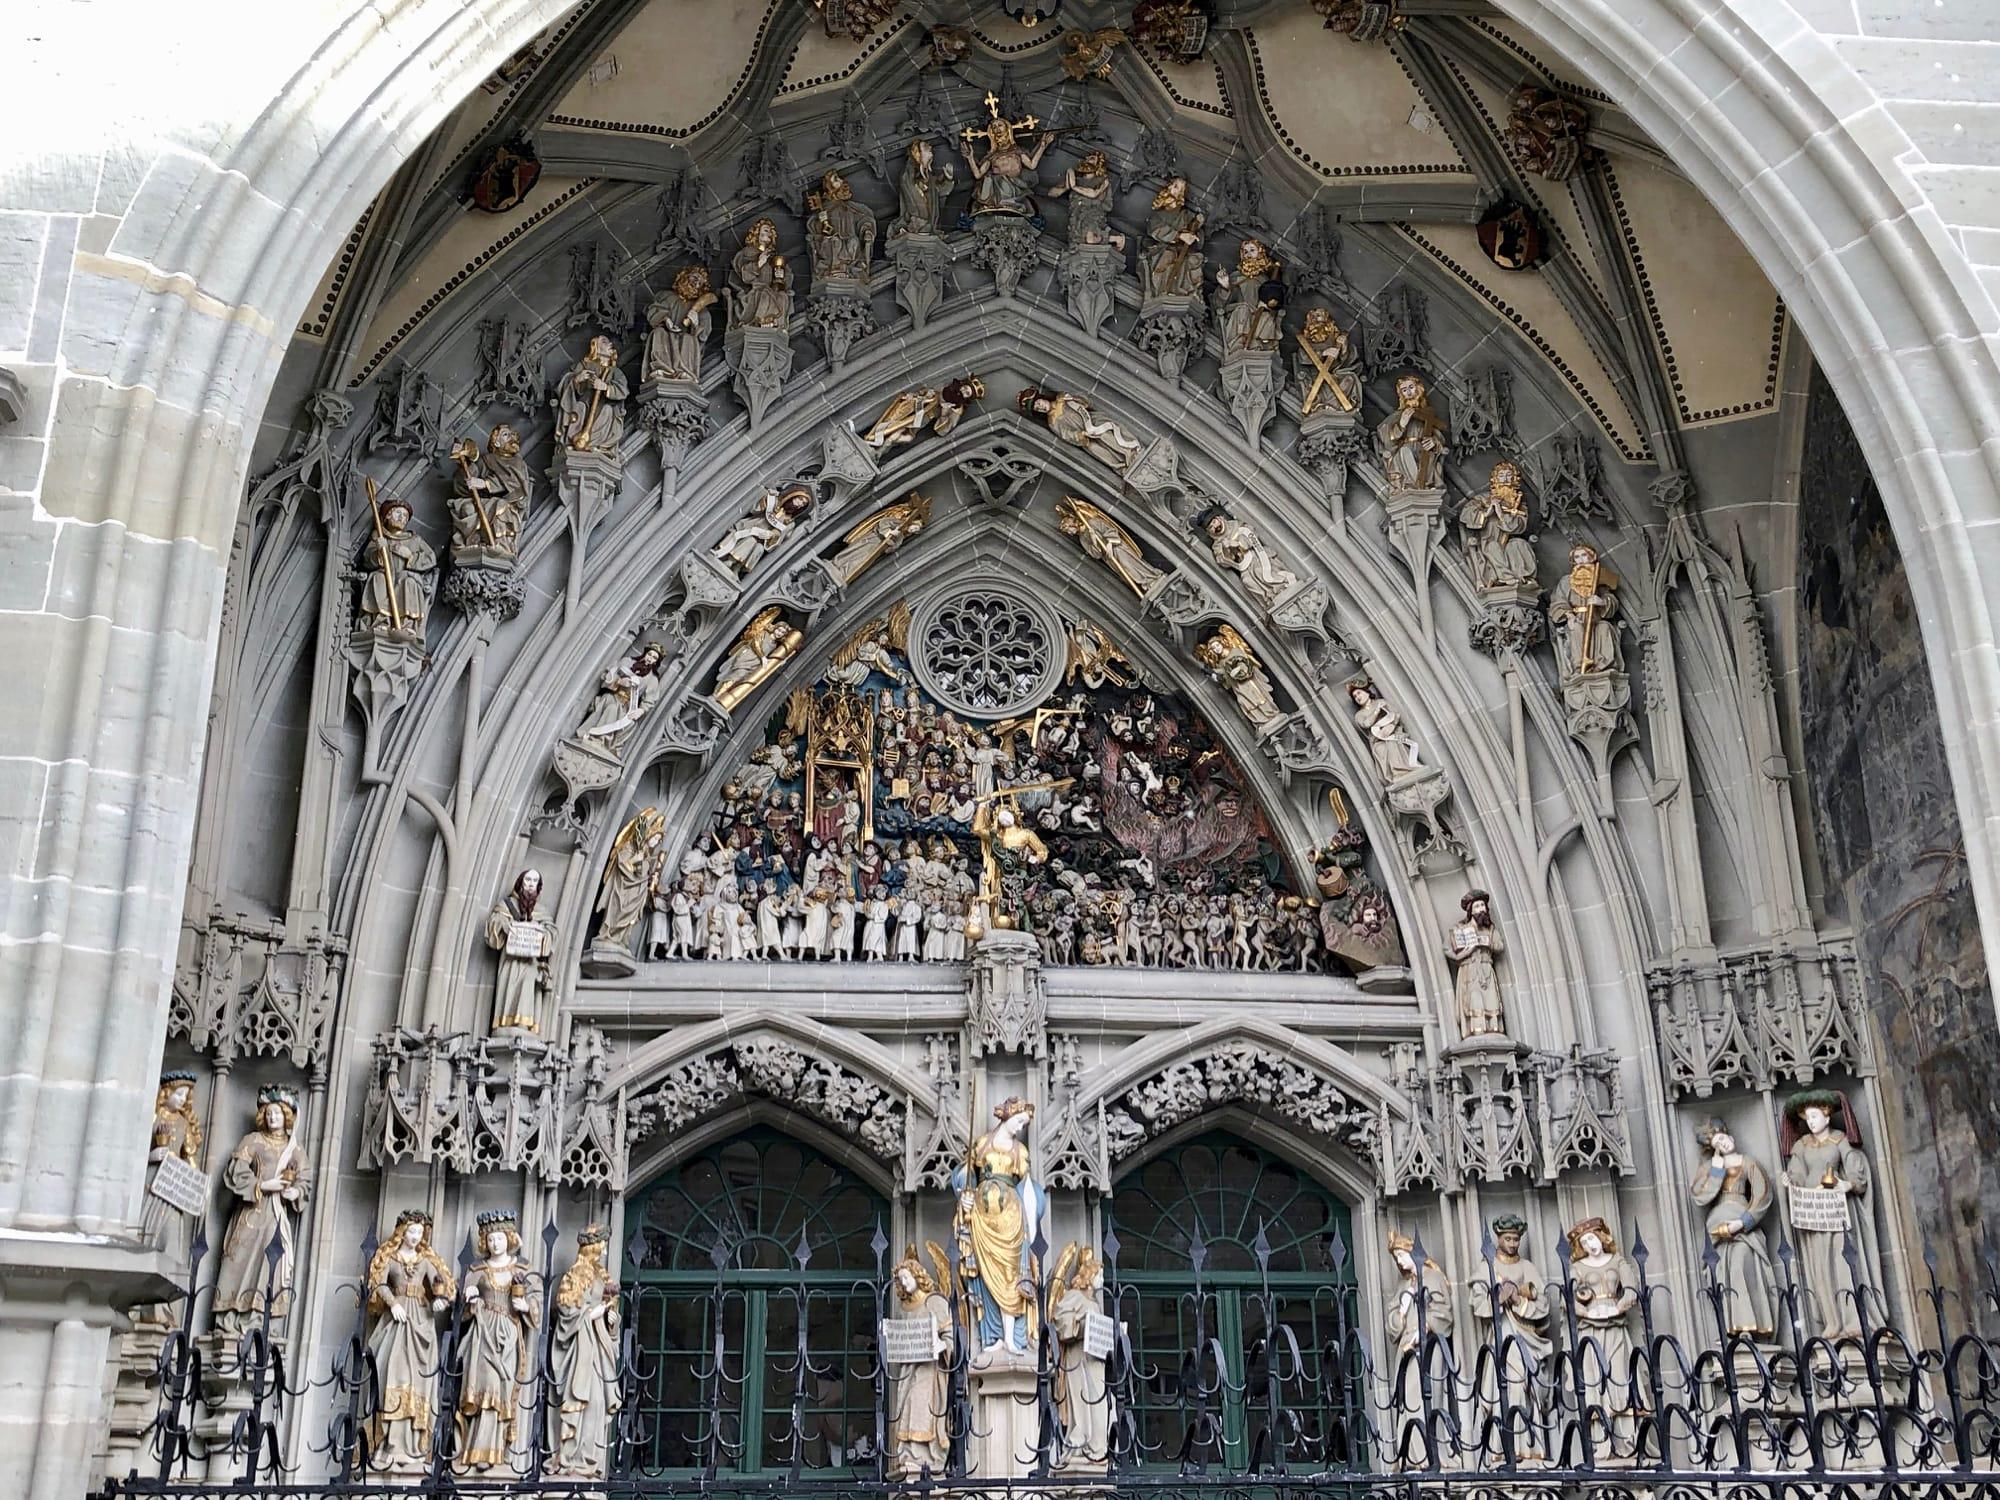 Le decorazioni sul portale della Munster Kirche